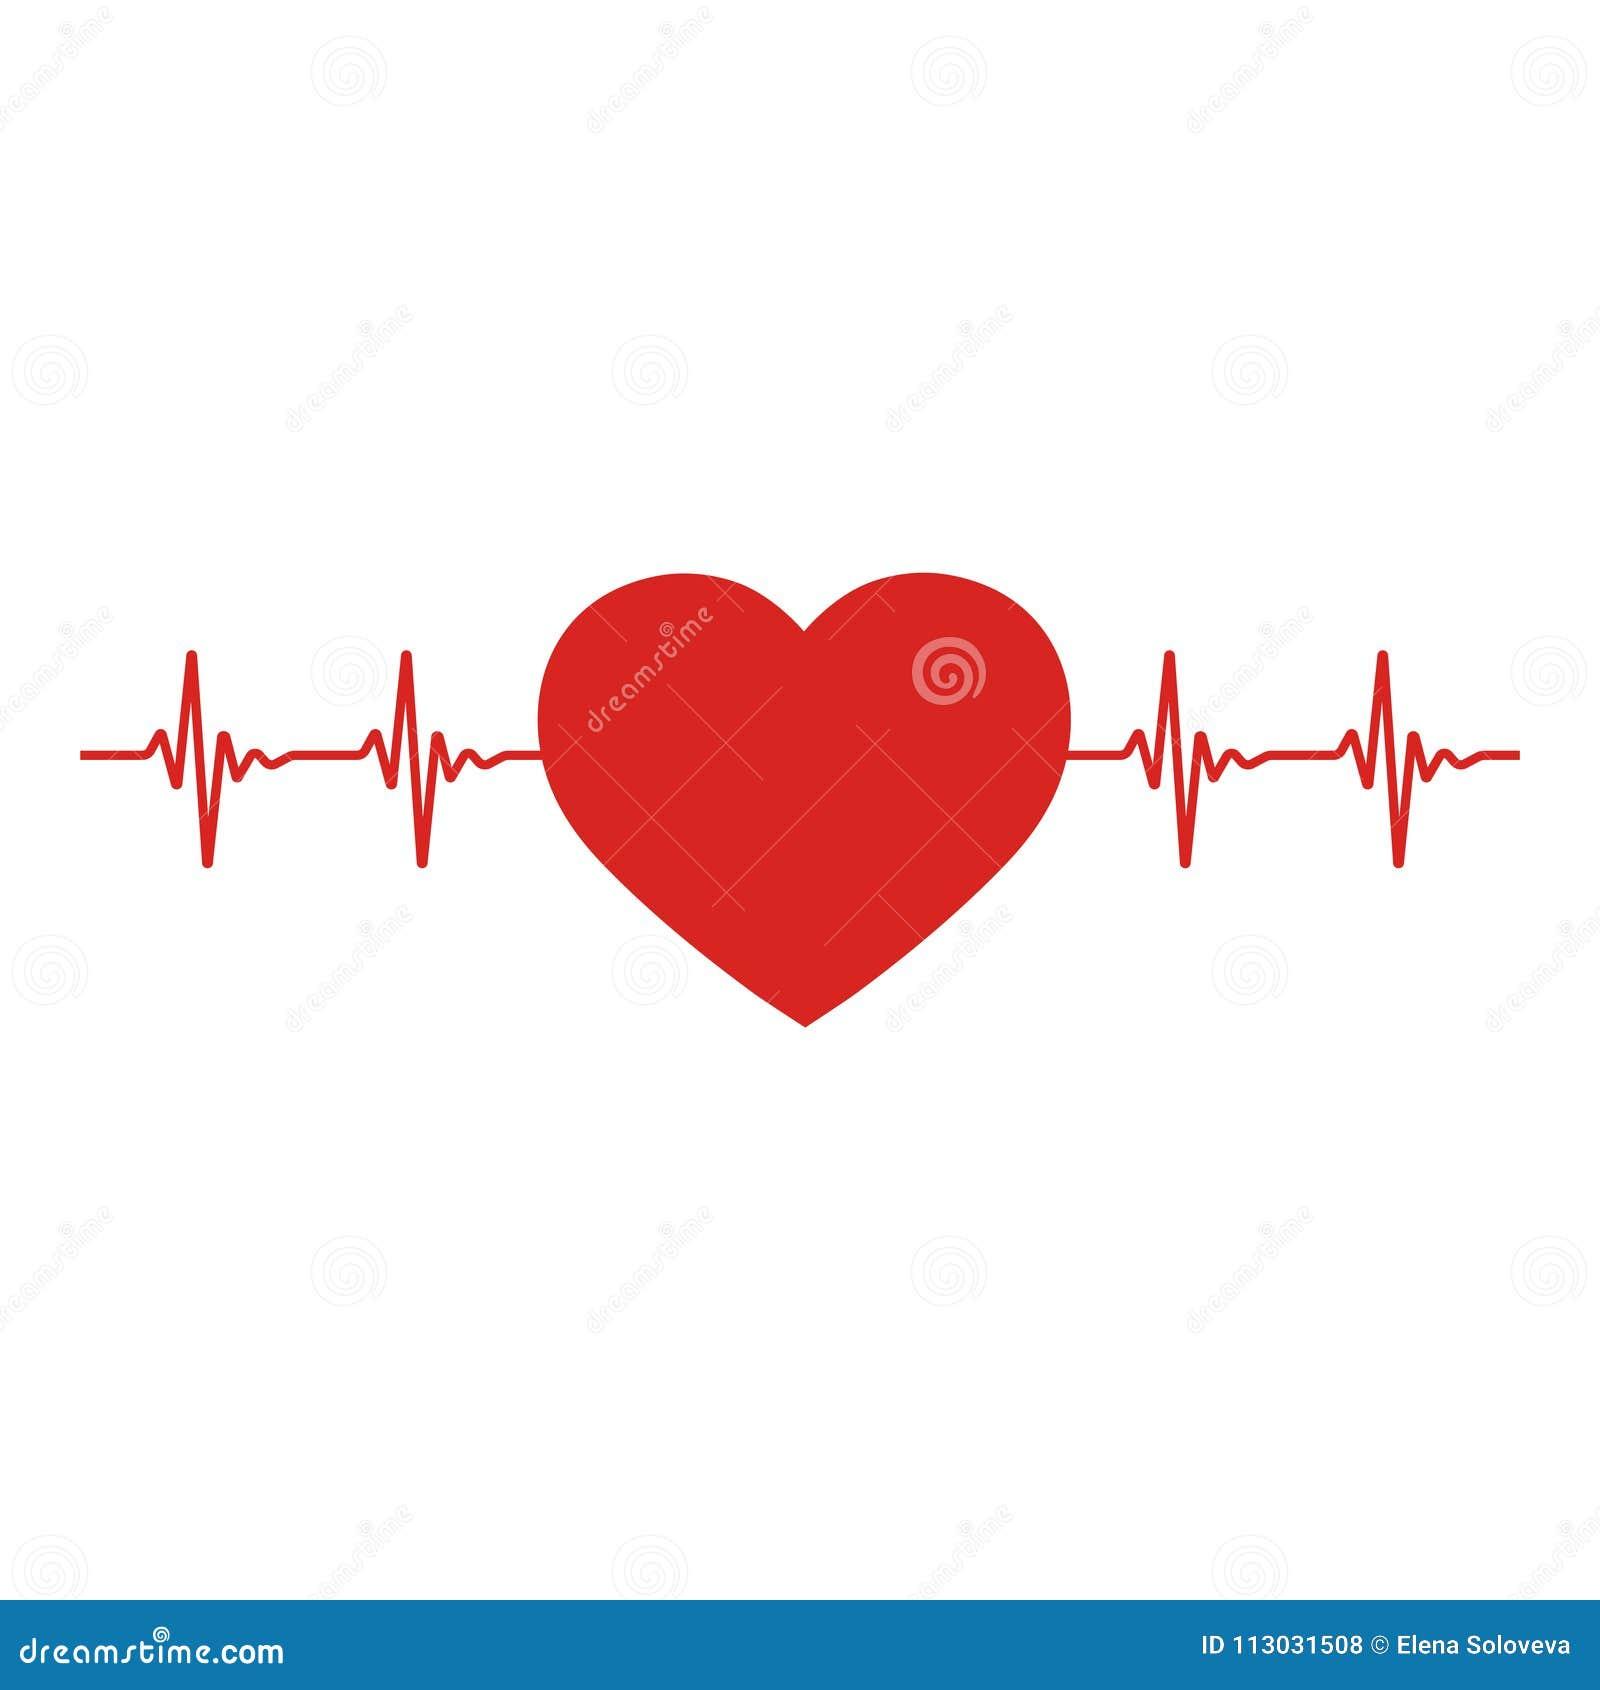 Icono rojo del corazón con latido del corazón de la muestra El corazón firma adentro diseño plano